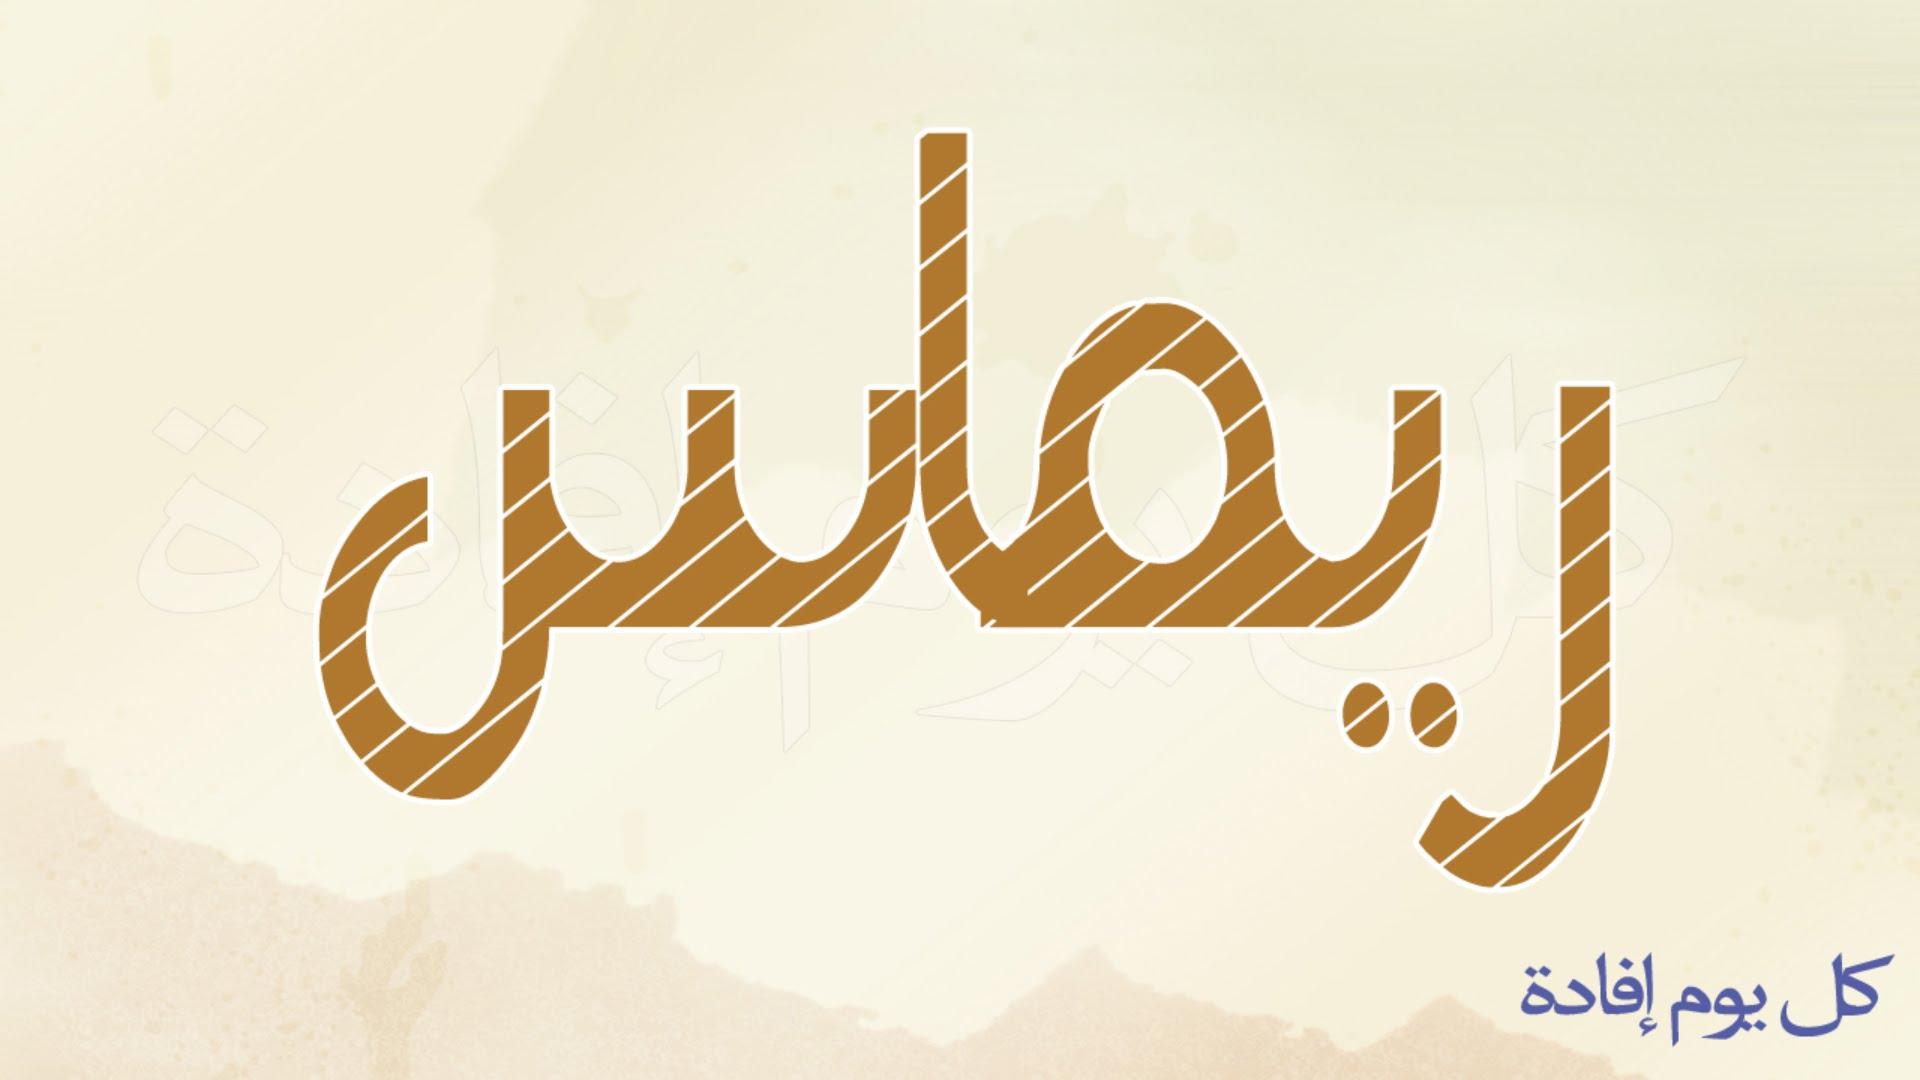 صور معنى اسم ريماس في اللغه العربيه